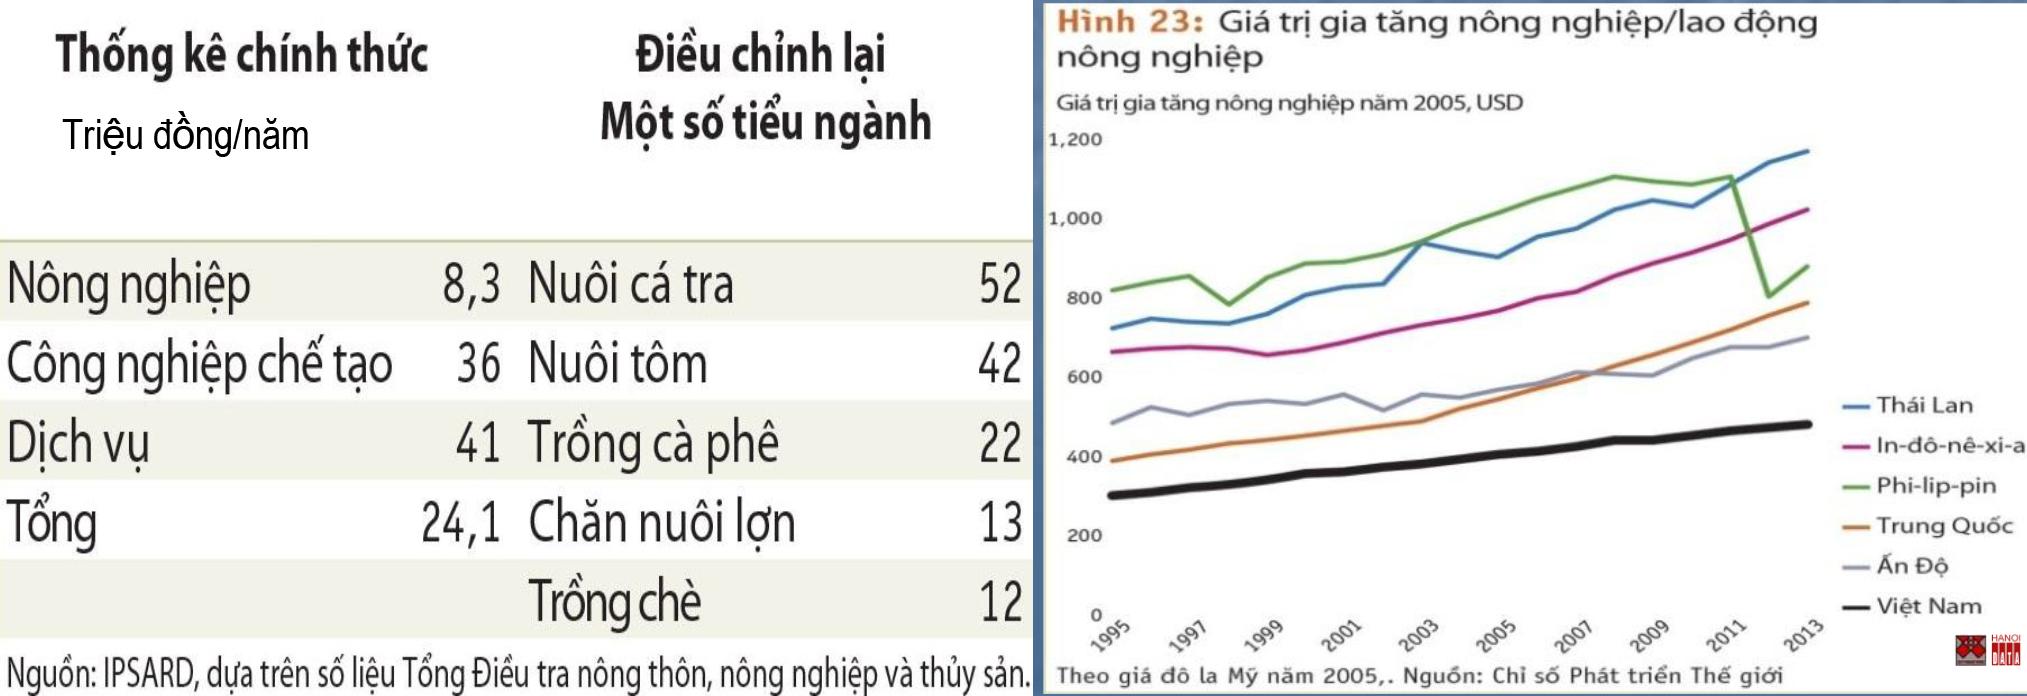 Nông nghiệp Việt Nam: Low hiệu quả, thu nhập lao động nông nghiệp, low value gia tâng (so với các quốc gia châu Á)